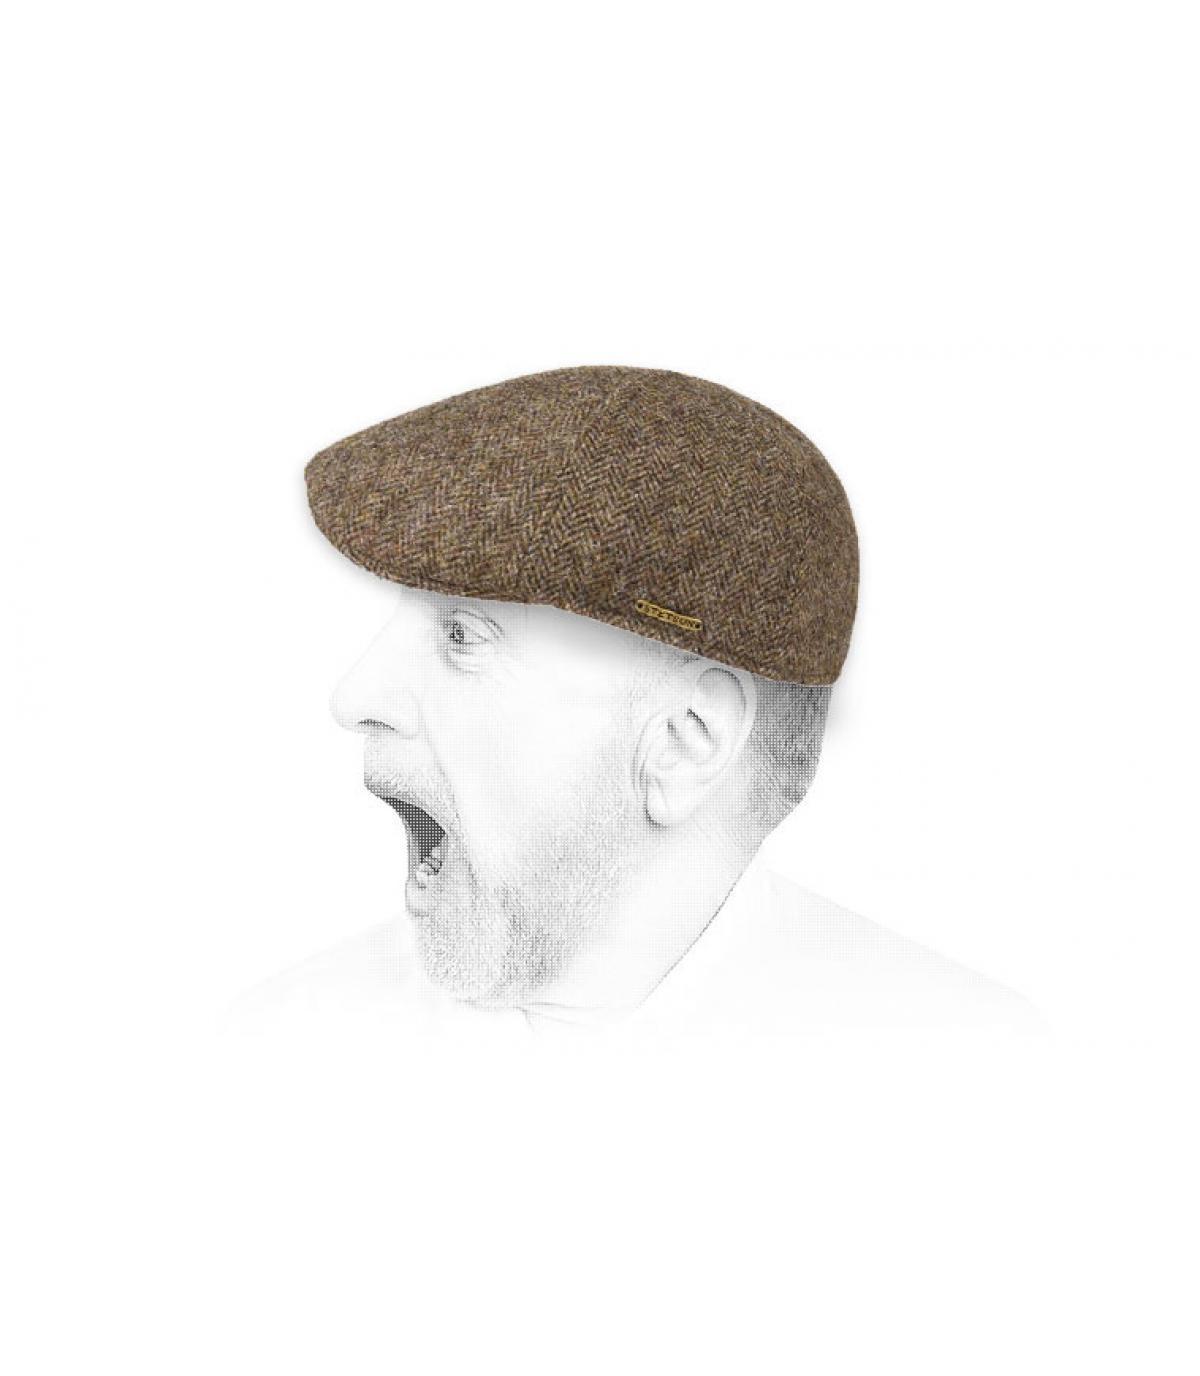 Duckbill Cap braun Wolle